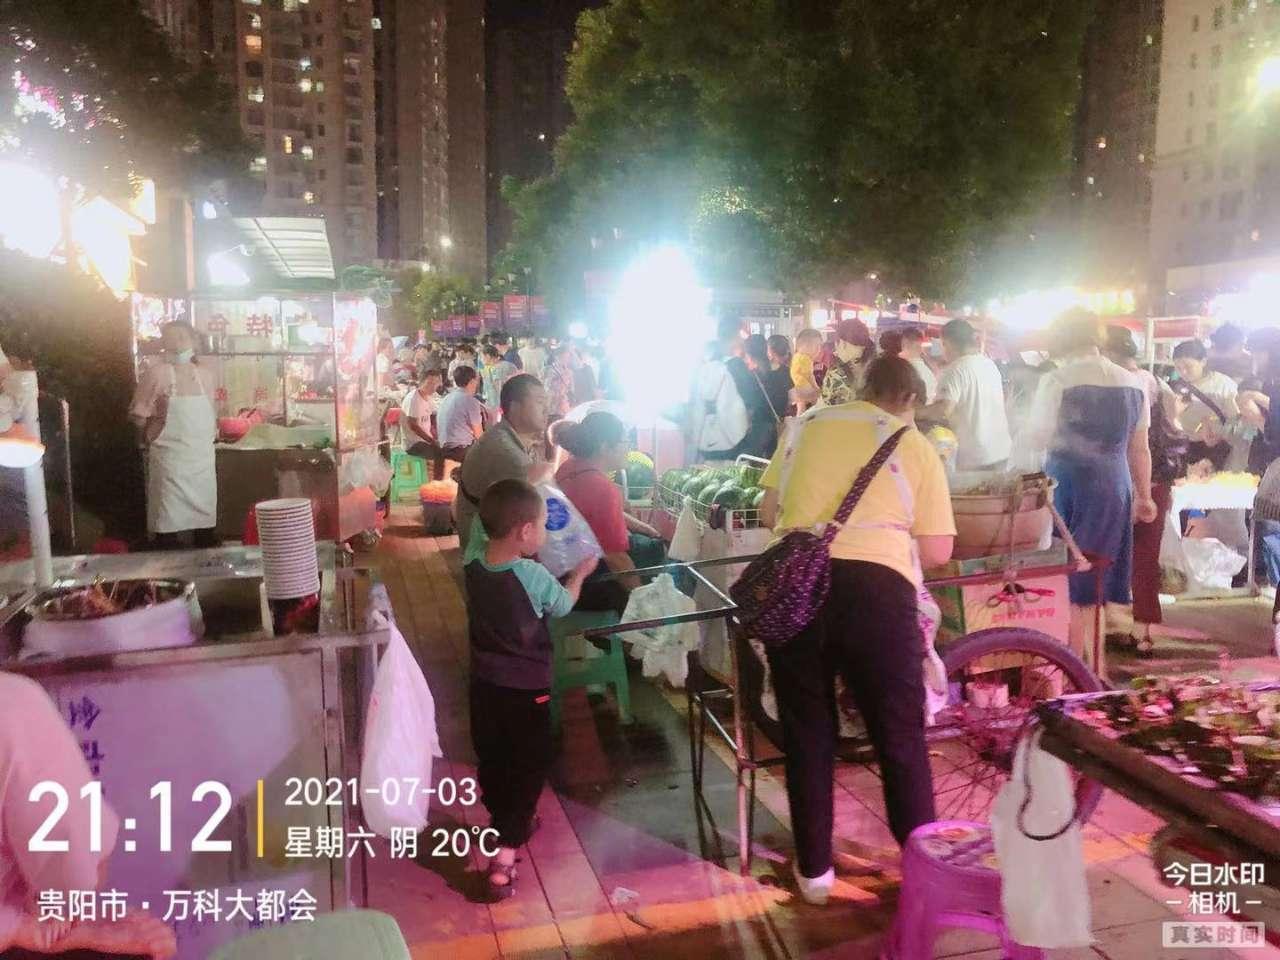 贵阳小河万科大都会,无视夜市摊贩占用小区步行街,噪音,油烟严重影响居民生活